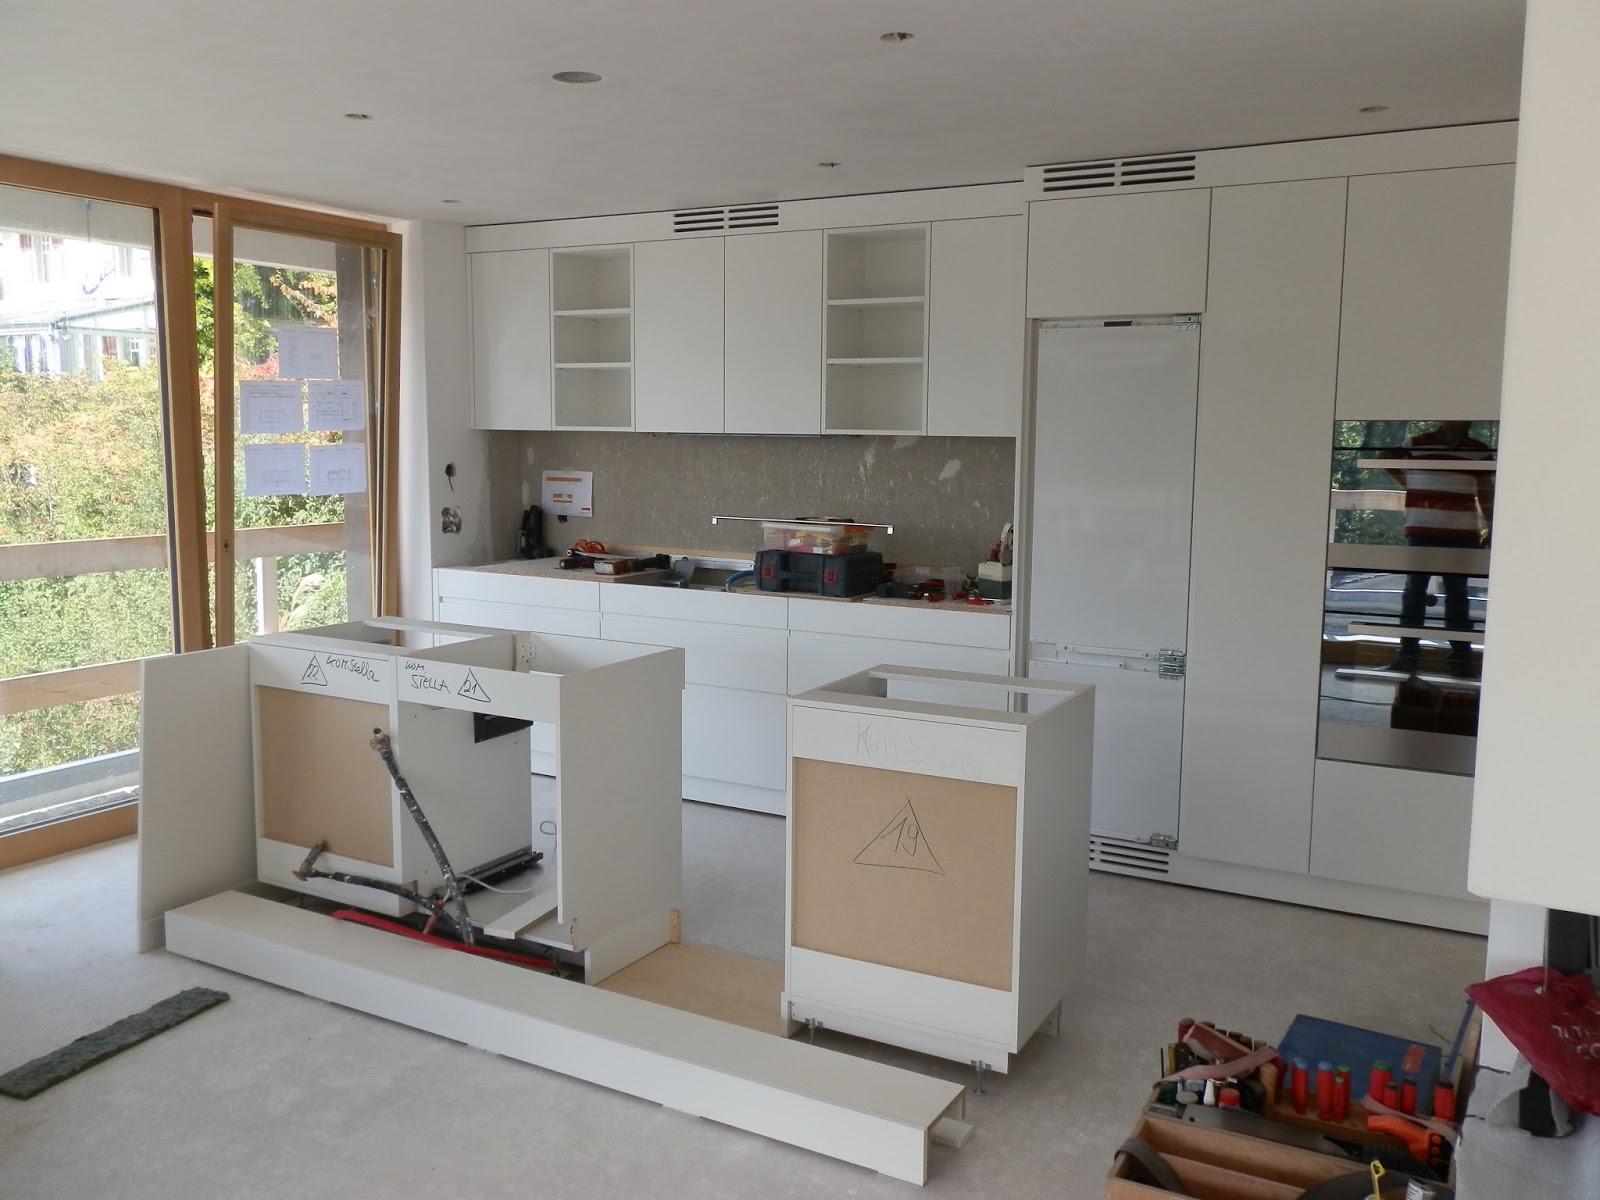 Neubau Wohnhaus, Burgerstrasse 5, 3063 Ittigen: Küchenmontage, Umgebung